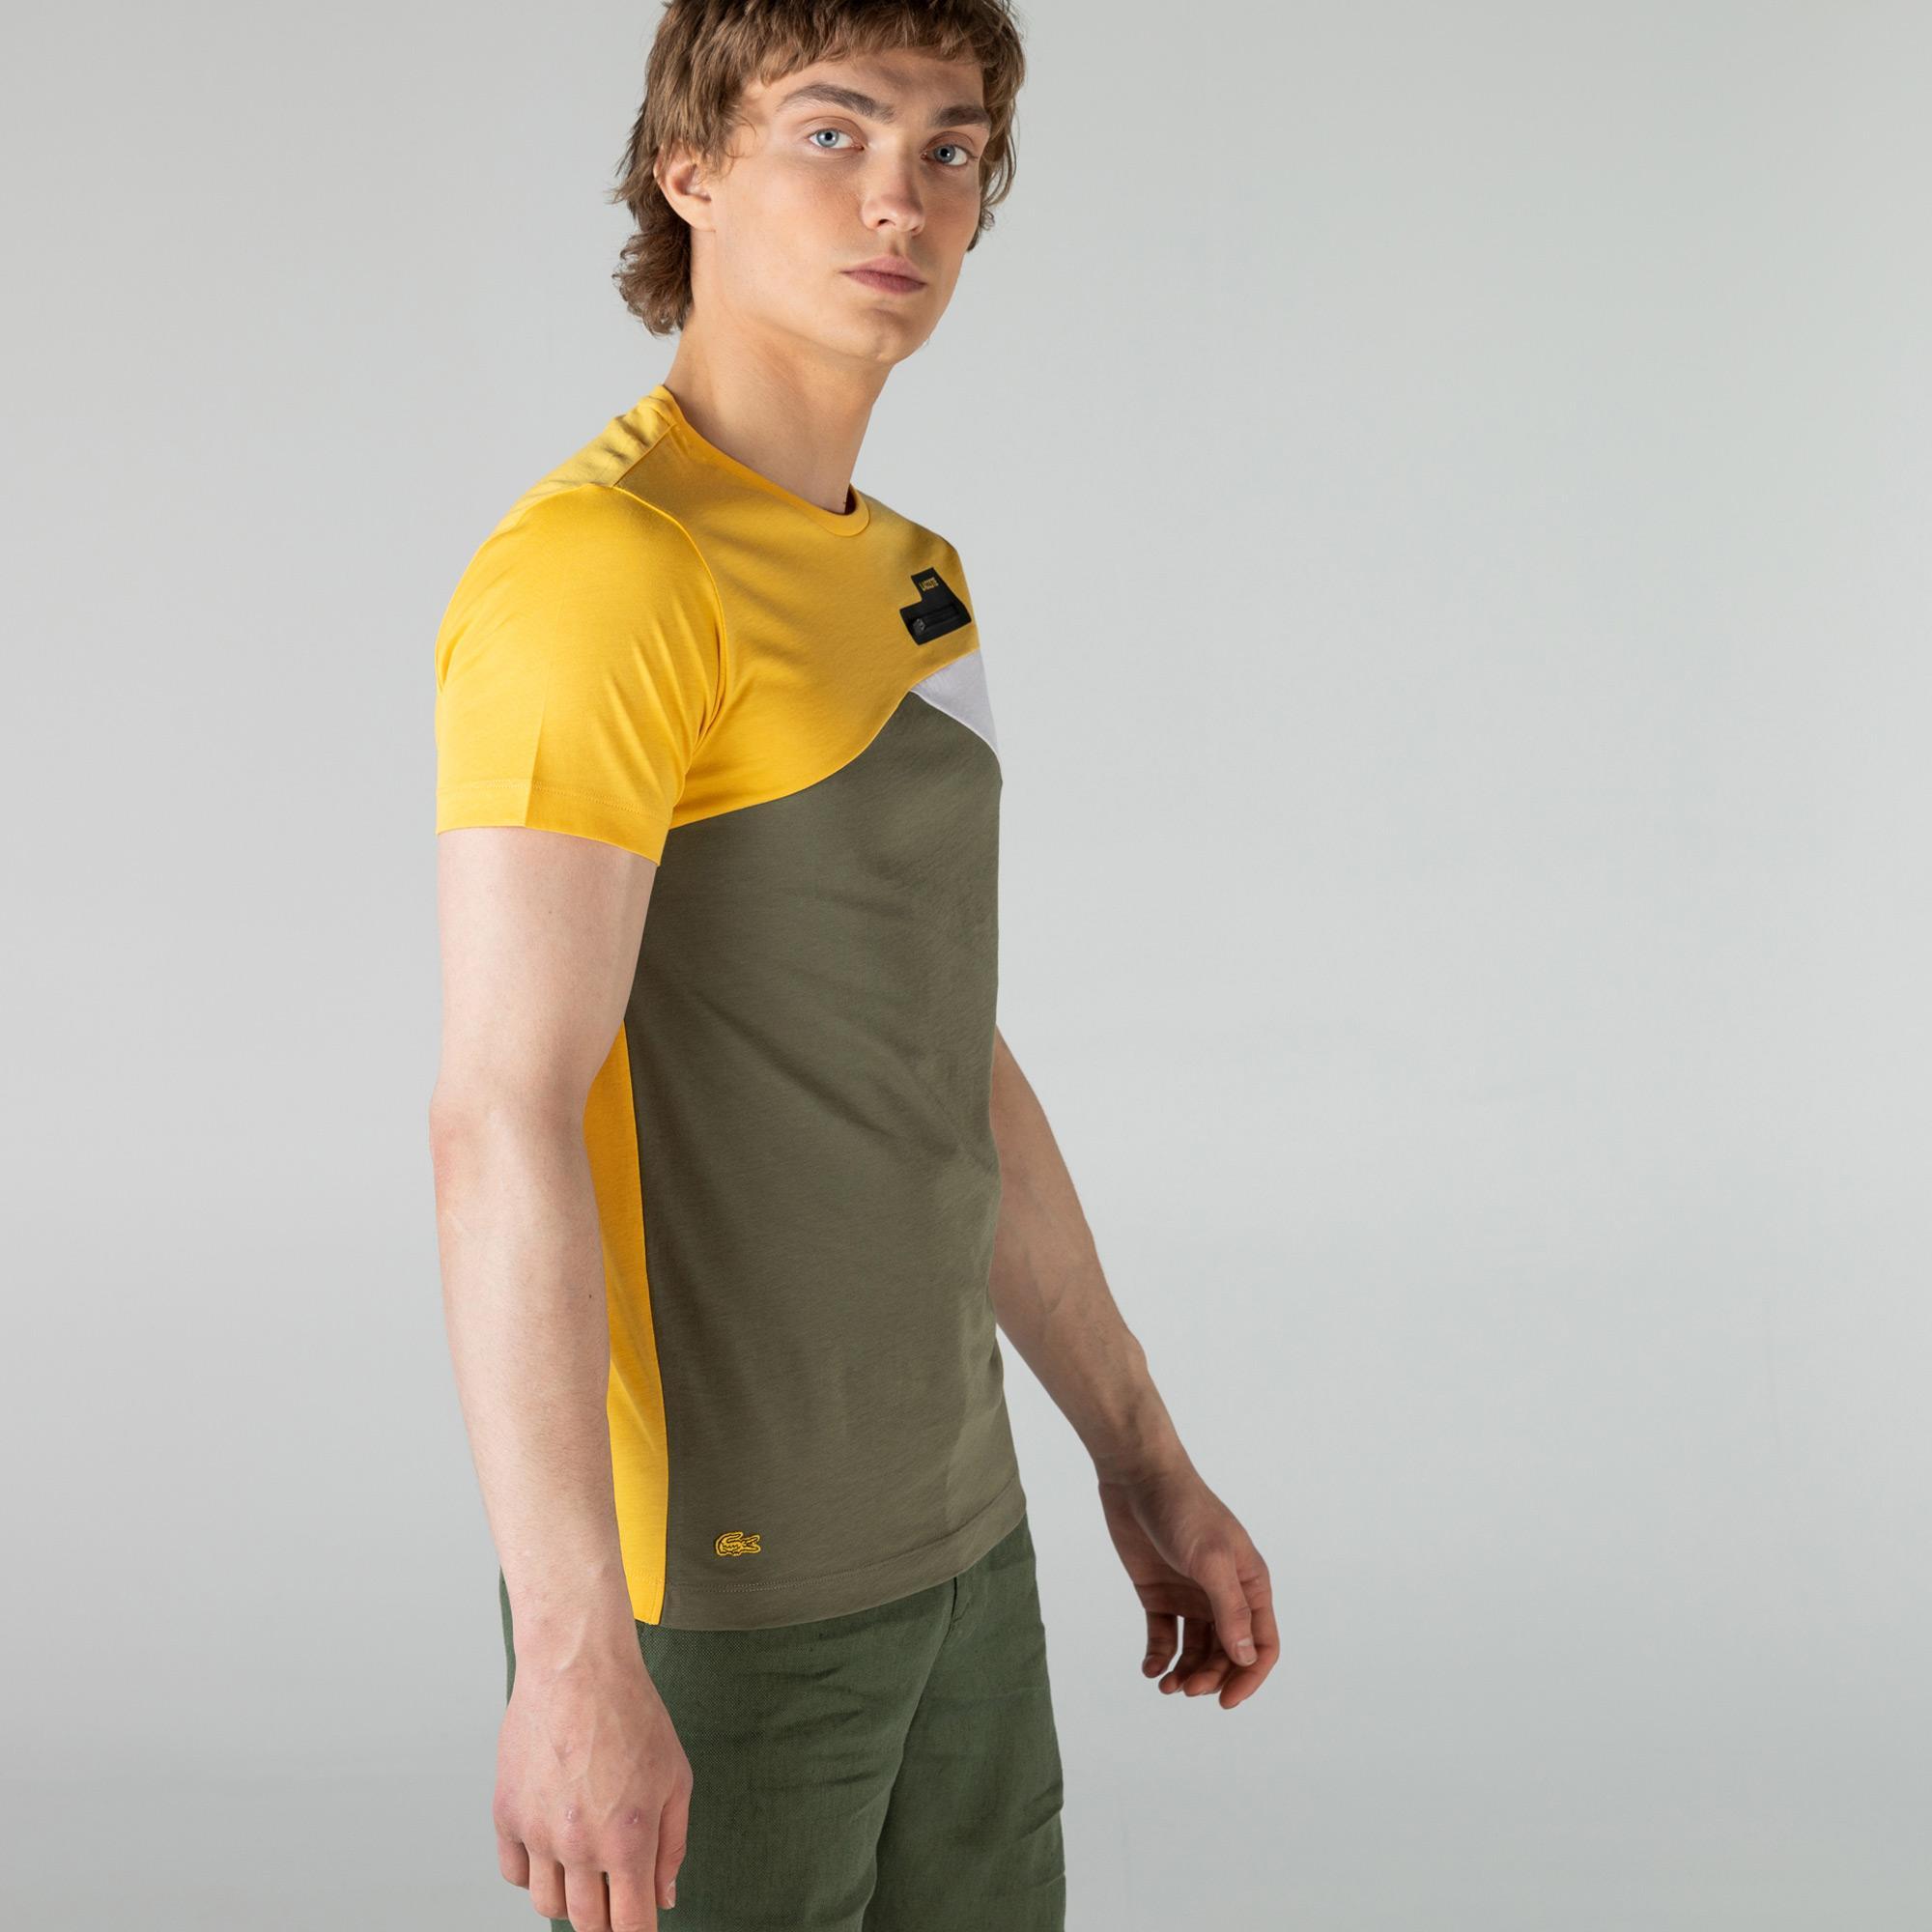 Lacoste Erkek Slim Fit Bisiklet Yaka Renk Bloklu Renkli T-Shirt